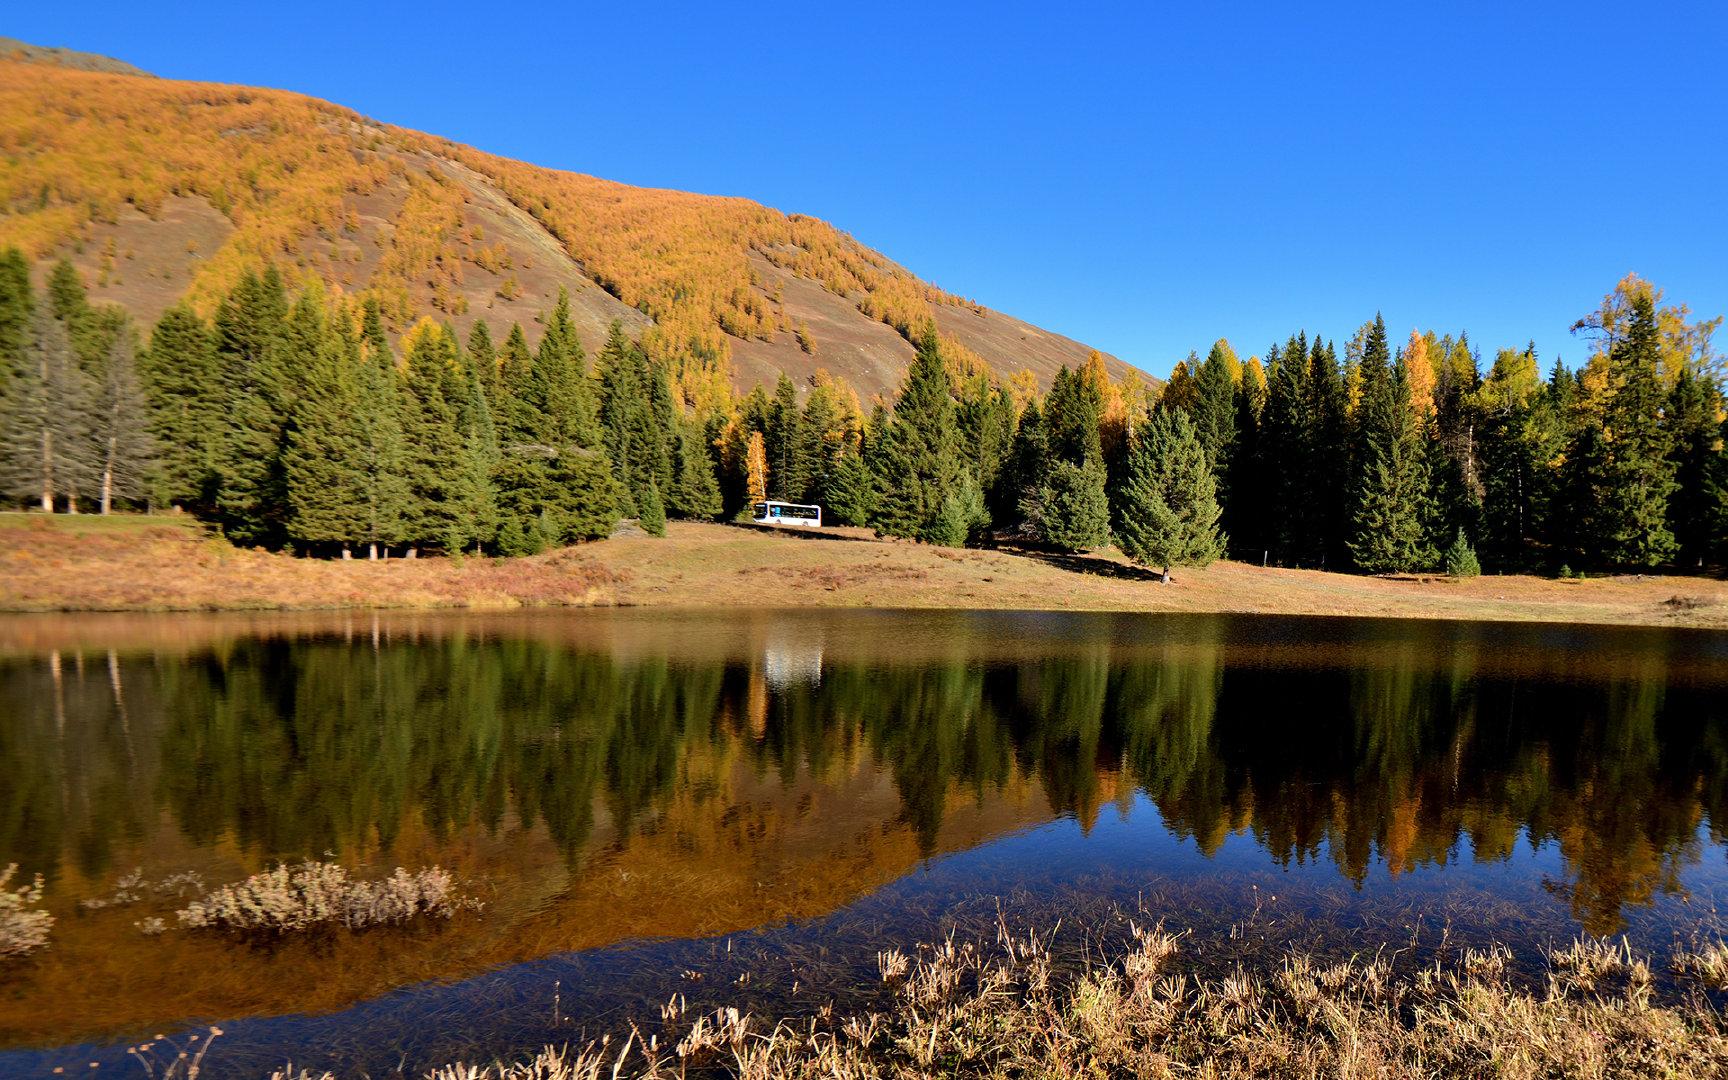 美丽的新疆自然风景2K高清图片素材